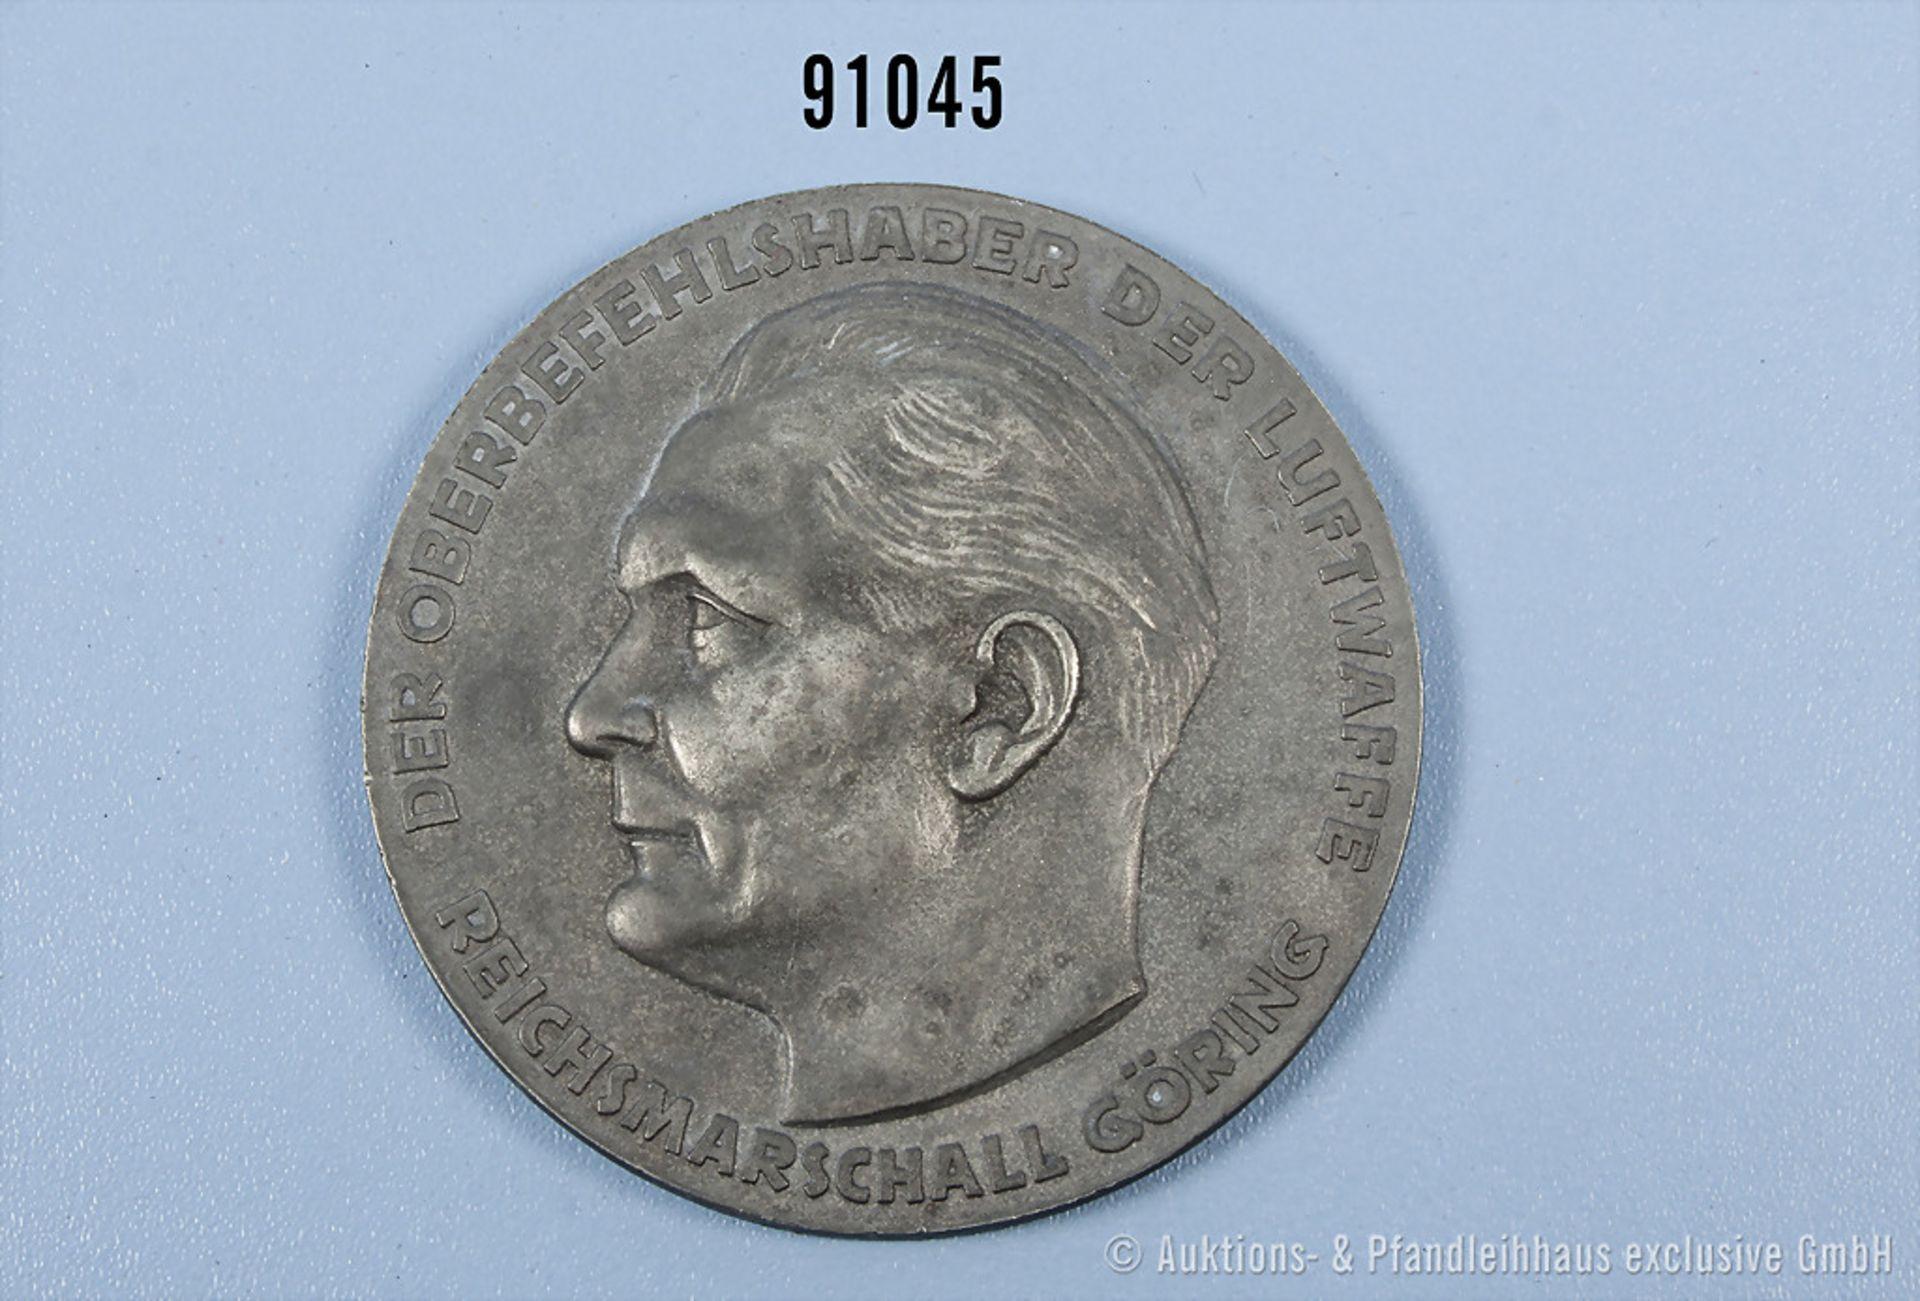 Medaille für ausgezeichnete Technische Leistungen, Luftwaffe 2. WK, Zinkausf., D ca. 7,5 cm, guter